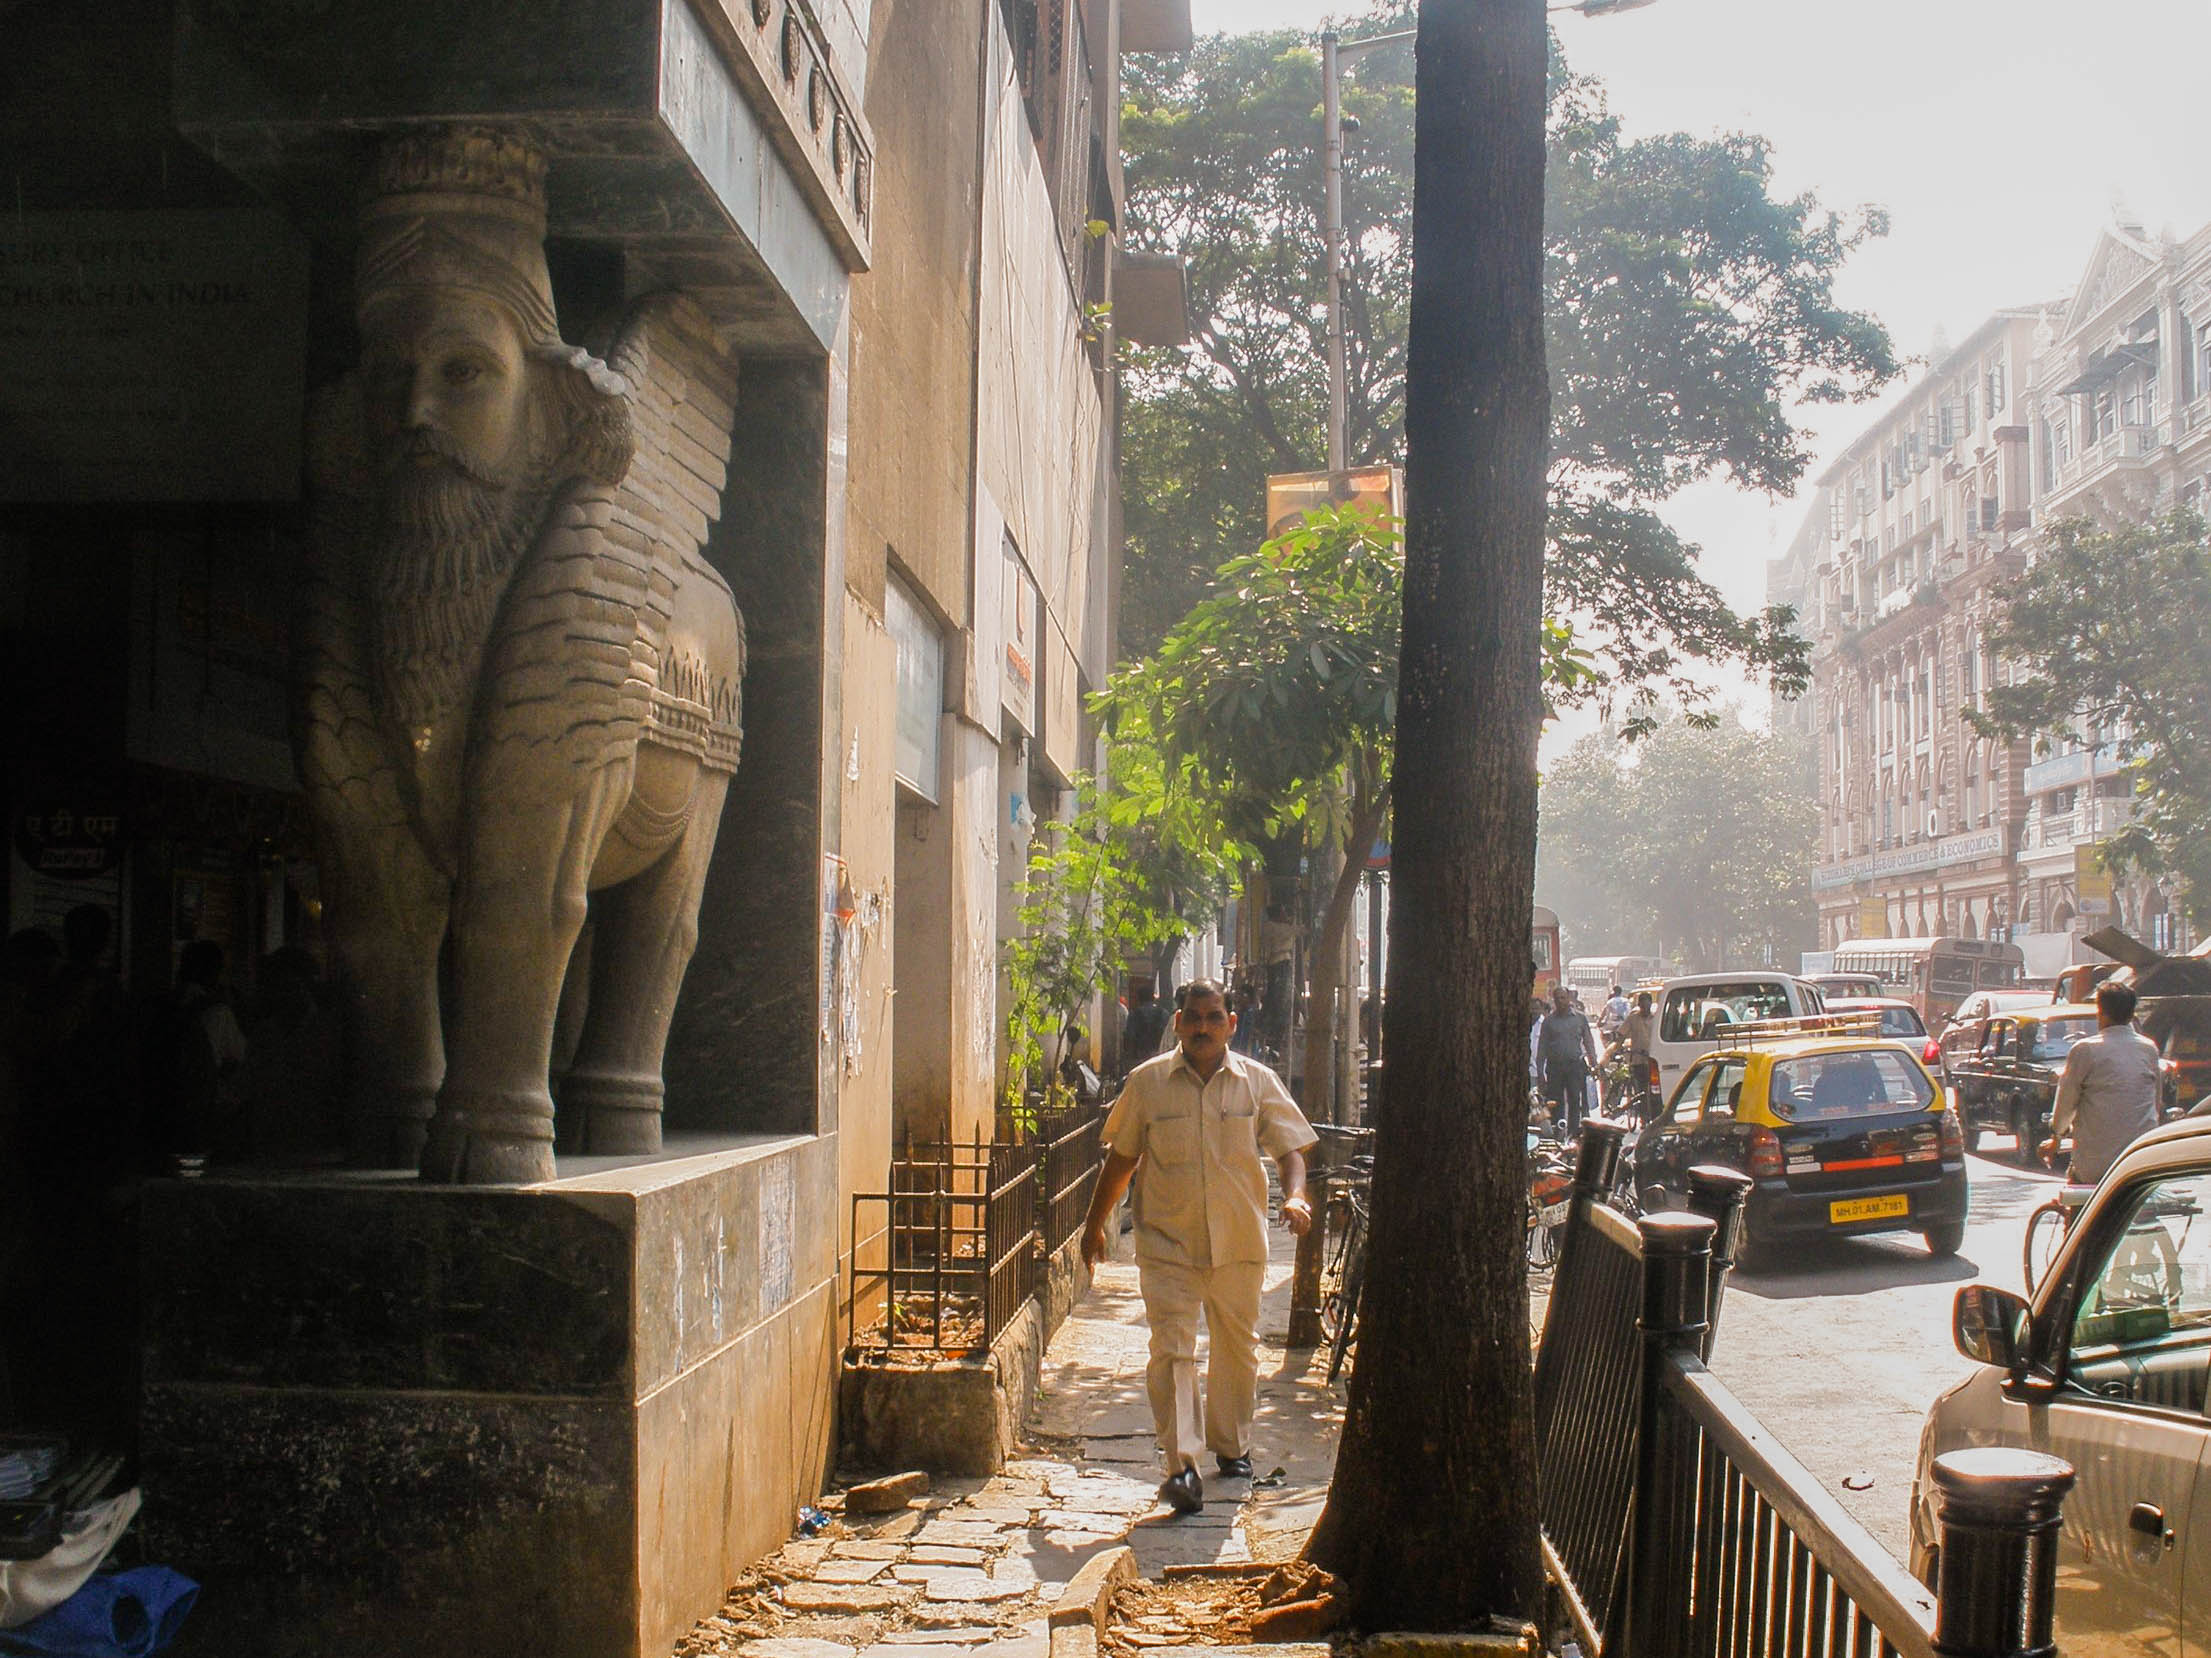 centr-mumbai